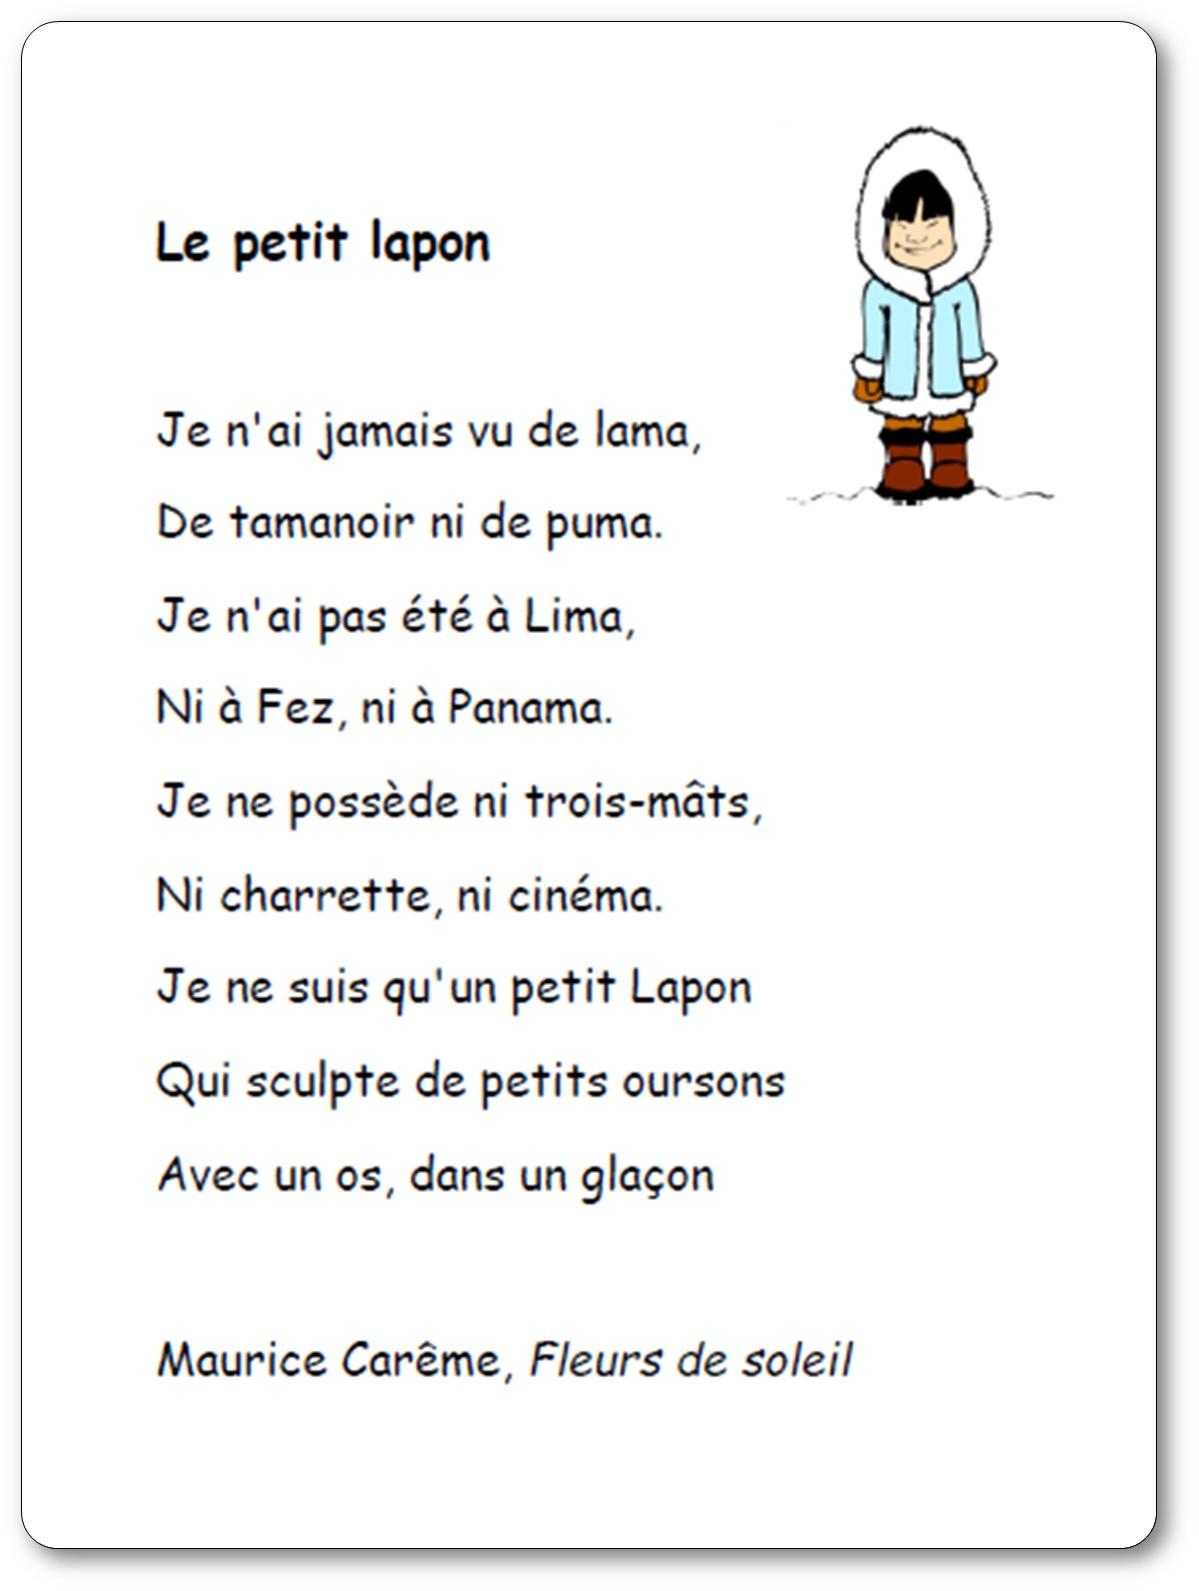 Poésie Le Petit Lapon De Maurice Carême - Le Petit Lapon à Vacances Poesie